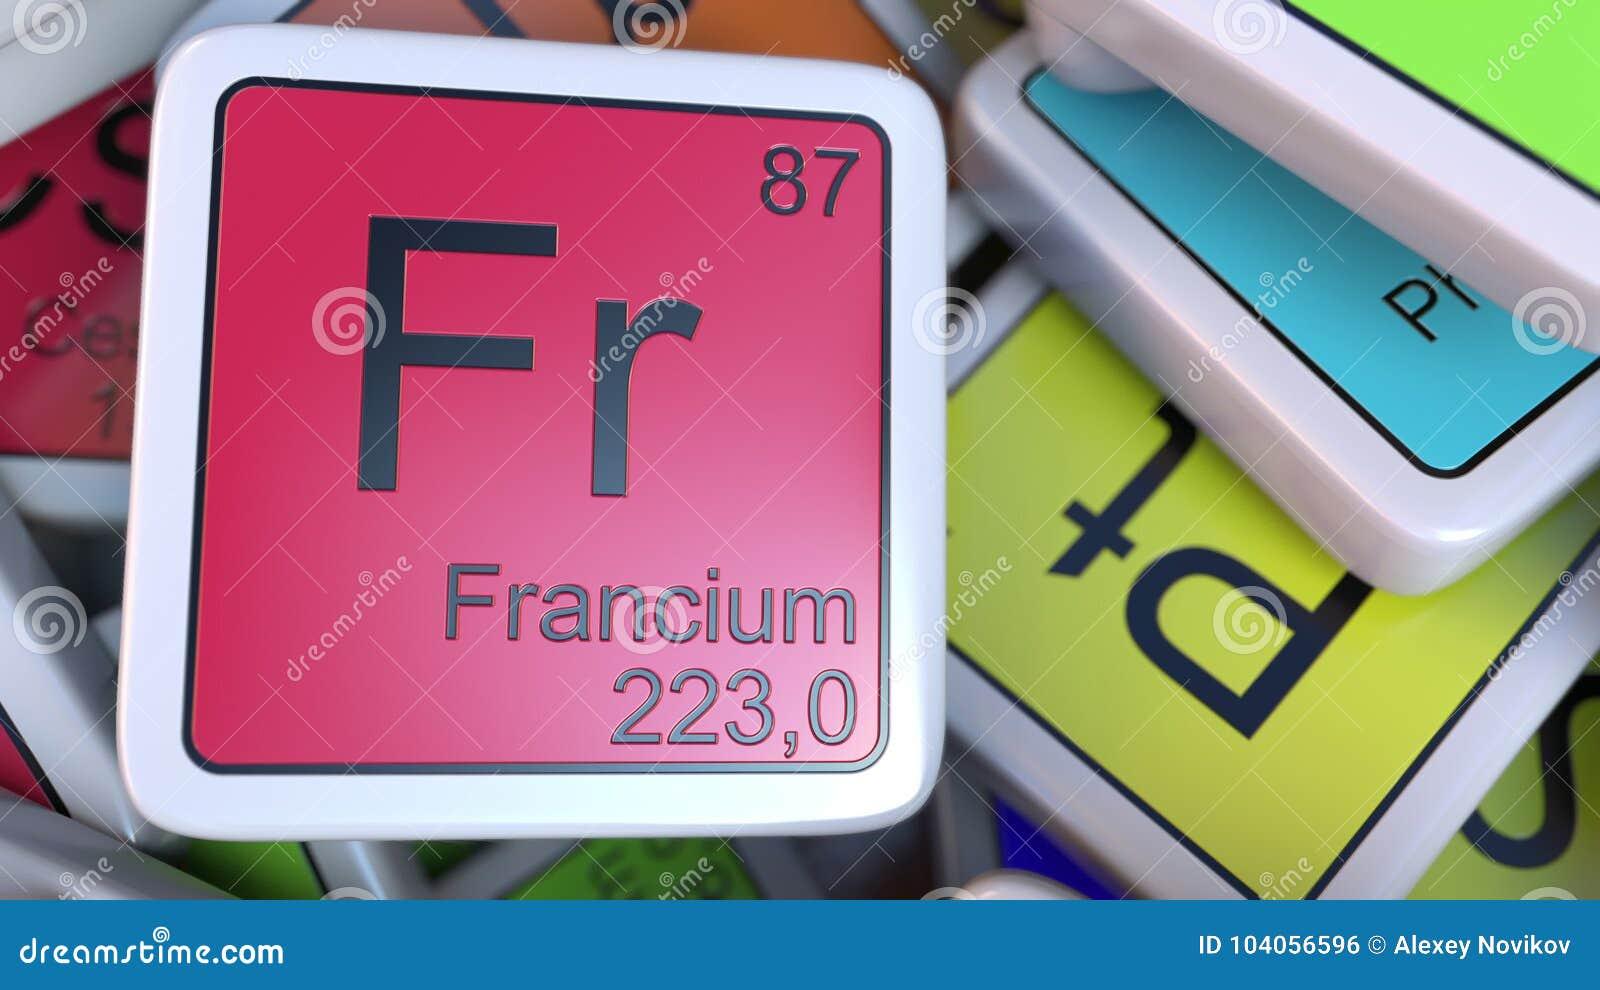 Bloque del franco del francio en la pila de tabla peridica de los la etiqueta del francio en la pila de tabla peridica de los elementos qumicos marca con etiqueta urtaz Image collections